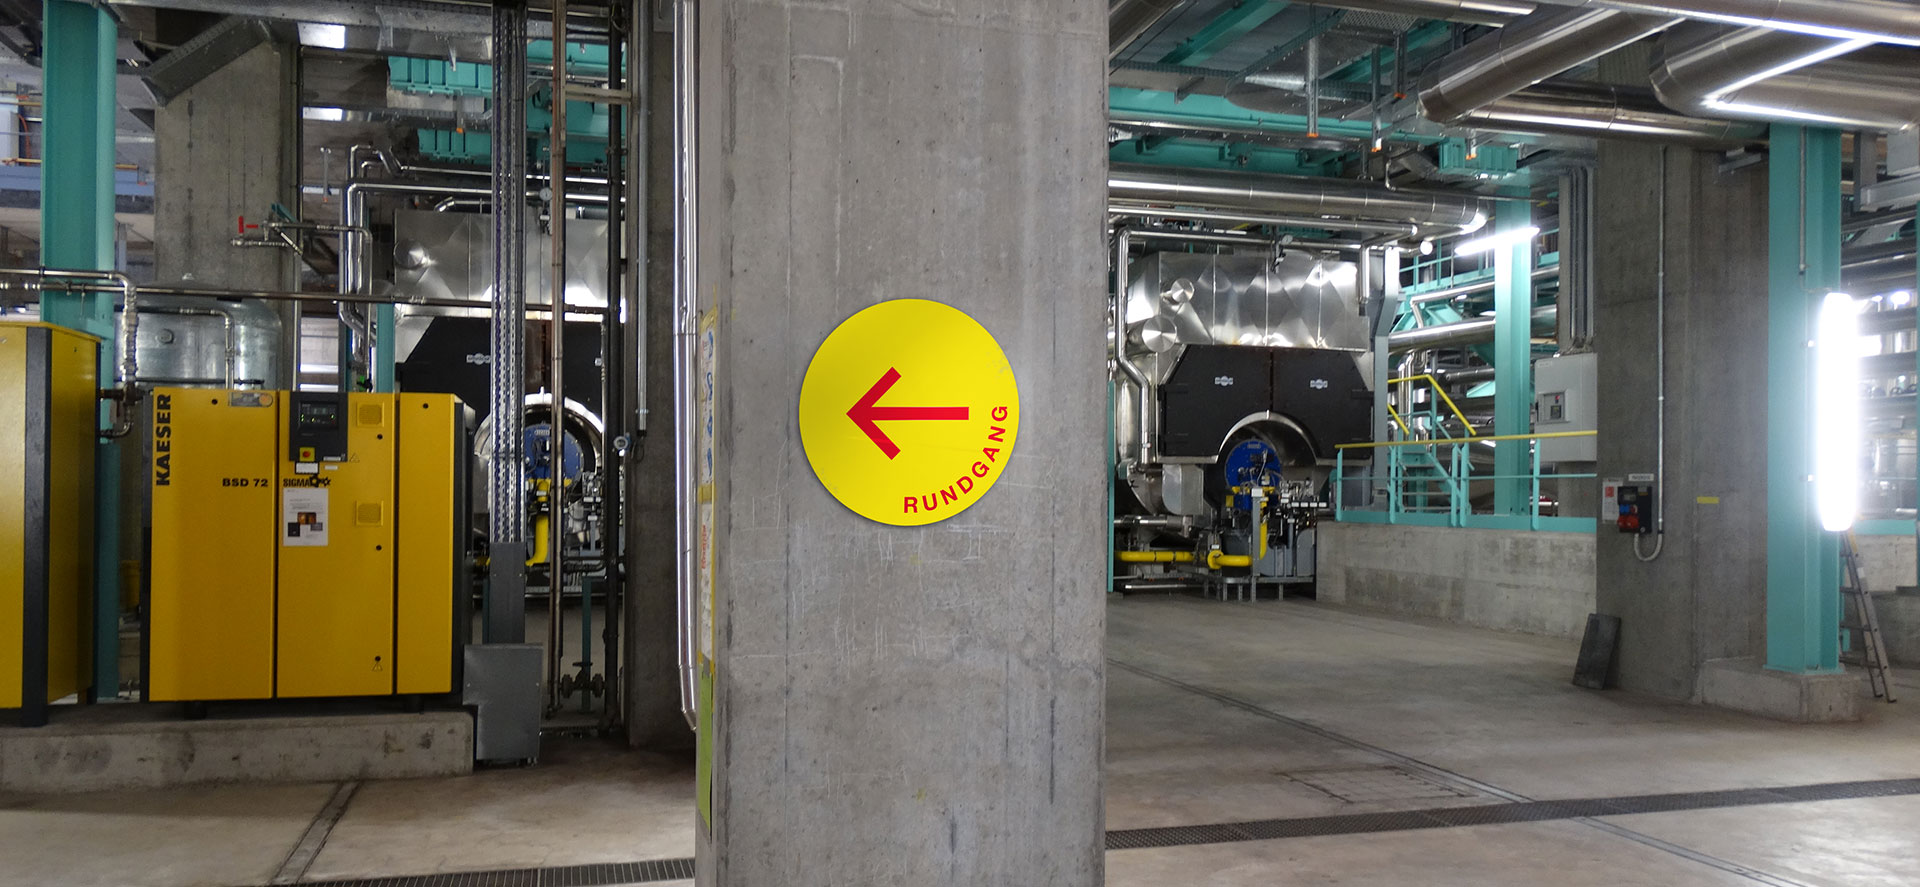 Signaletik für ERZ-Heizkraftwerk